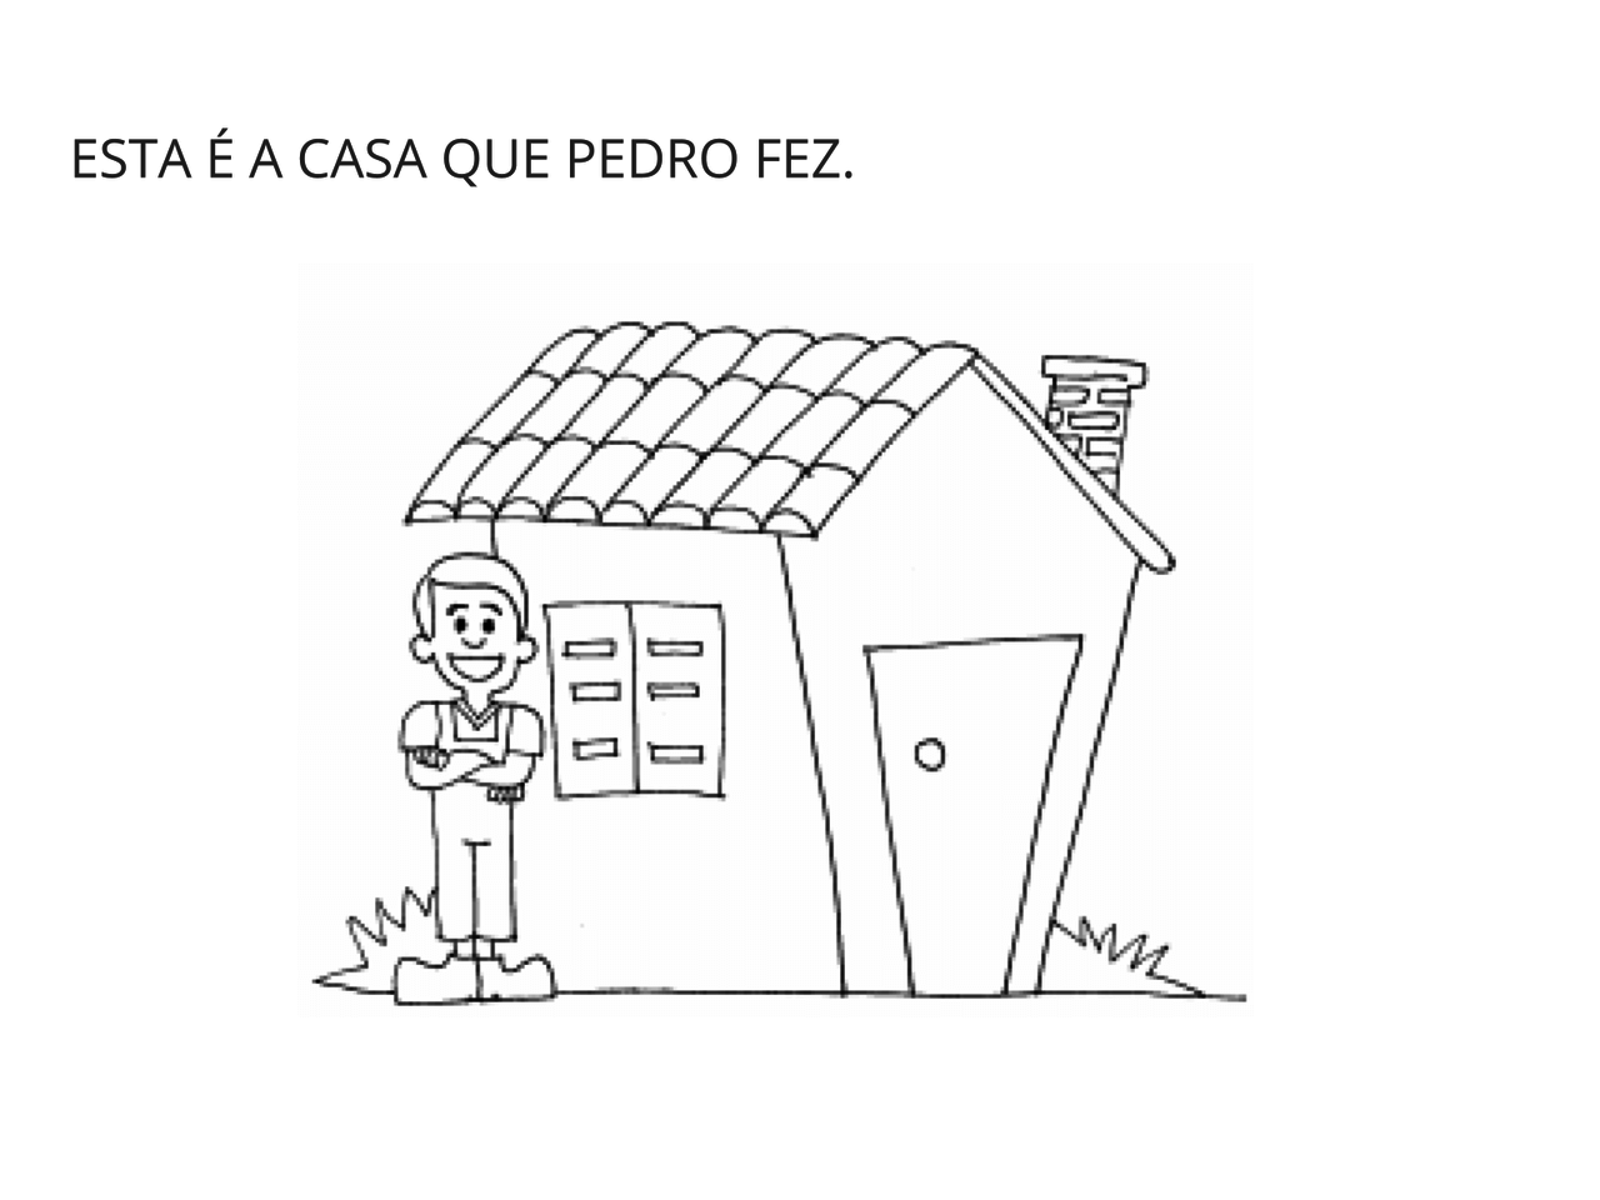 Palavras do conto acumulativo: A casa que Pedro fez